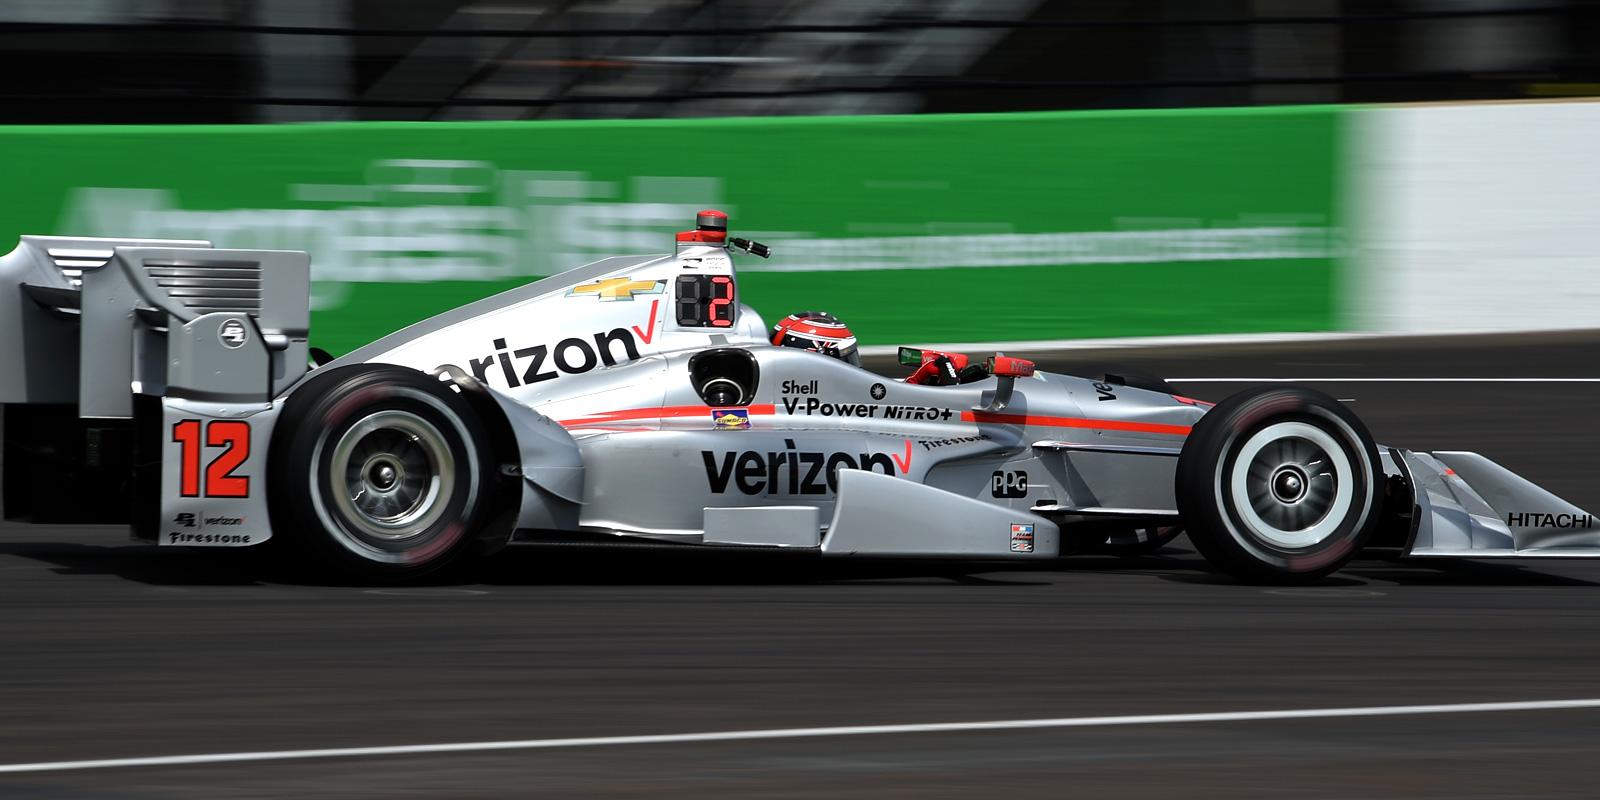 INDYCAR Grand Prix Schedule